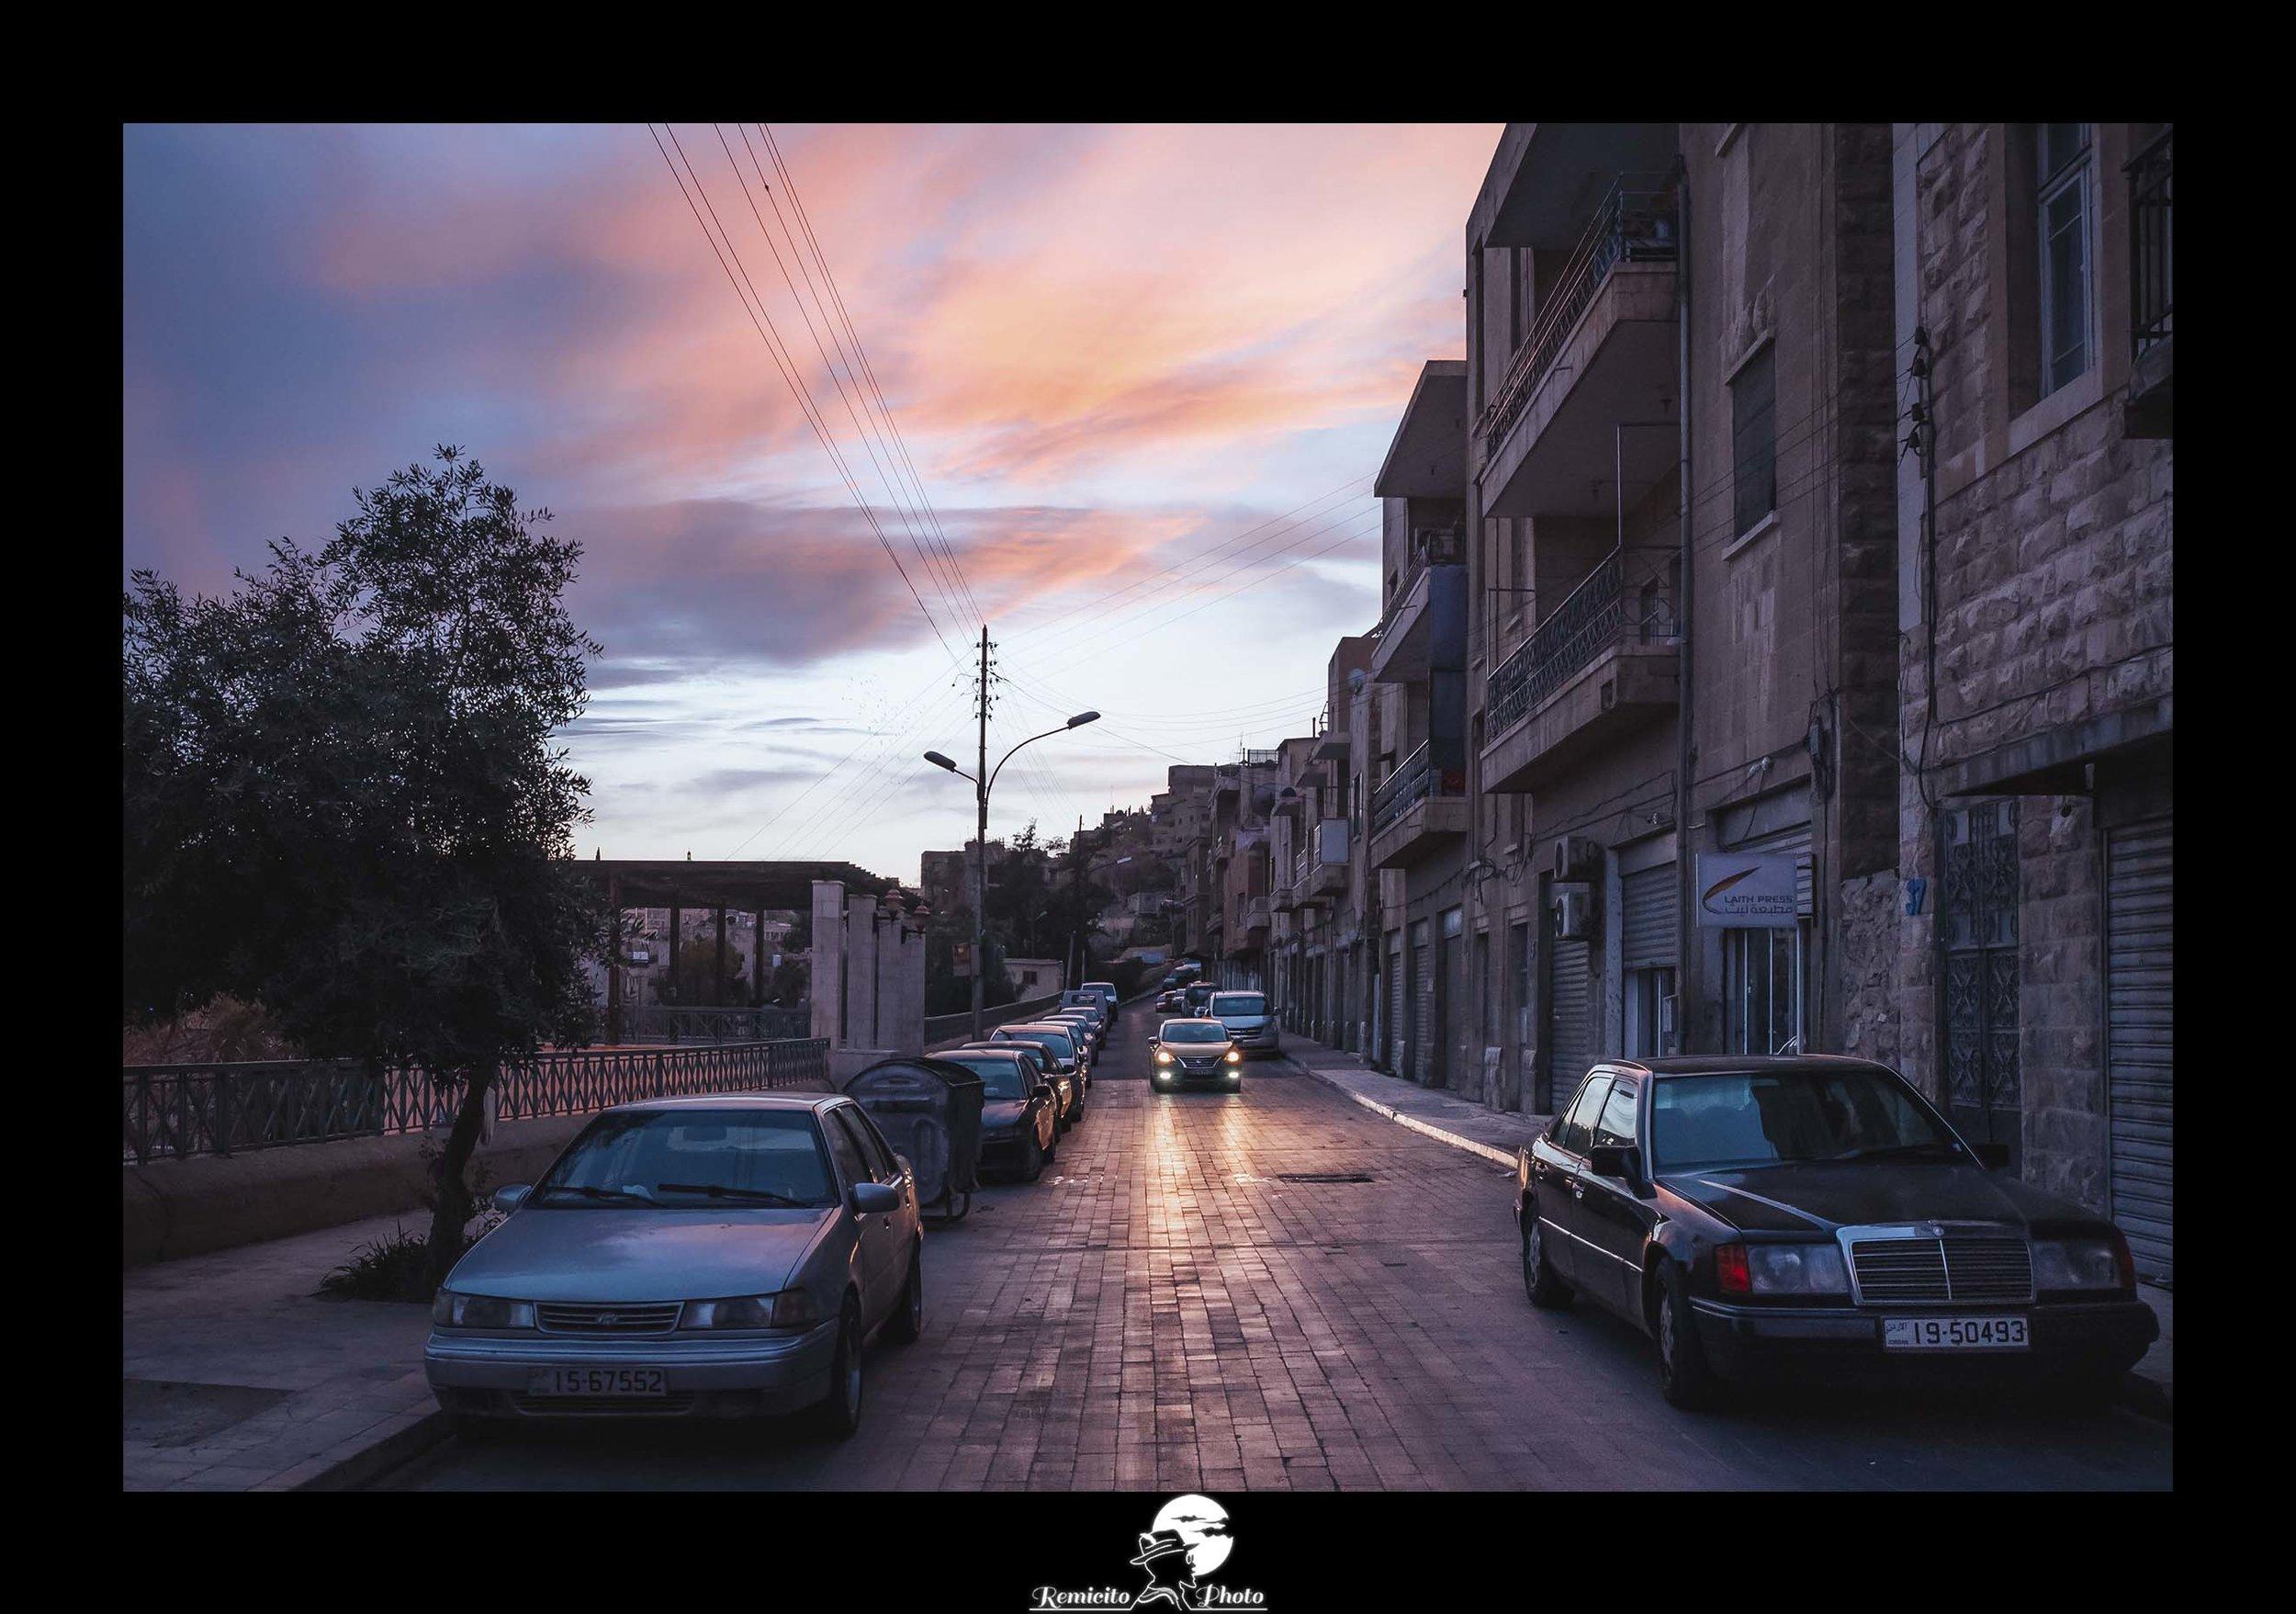 remicito, photoclub paris val-de-bièvre, remicito rémi lacombe, amman jordanie coucher de soleil, belle photo idée cadeau voyage jordanie